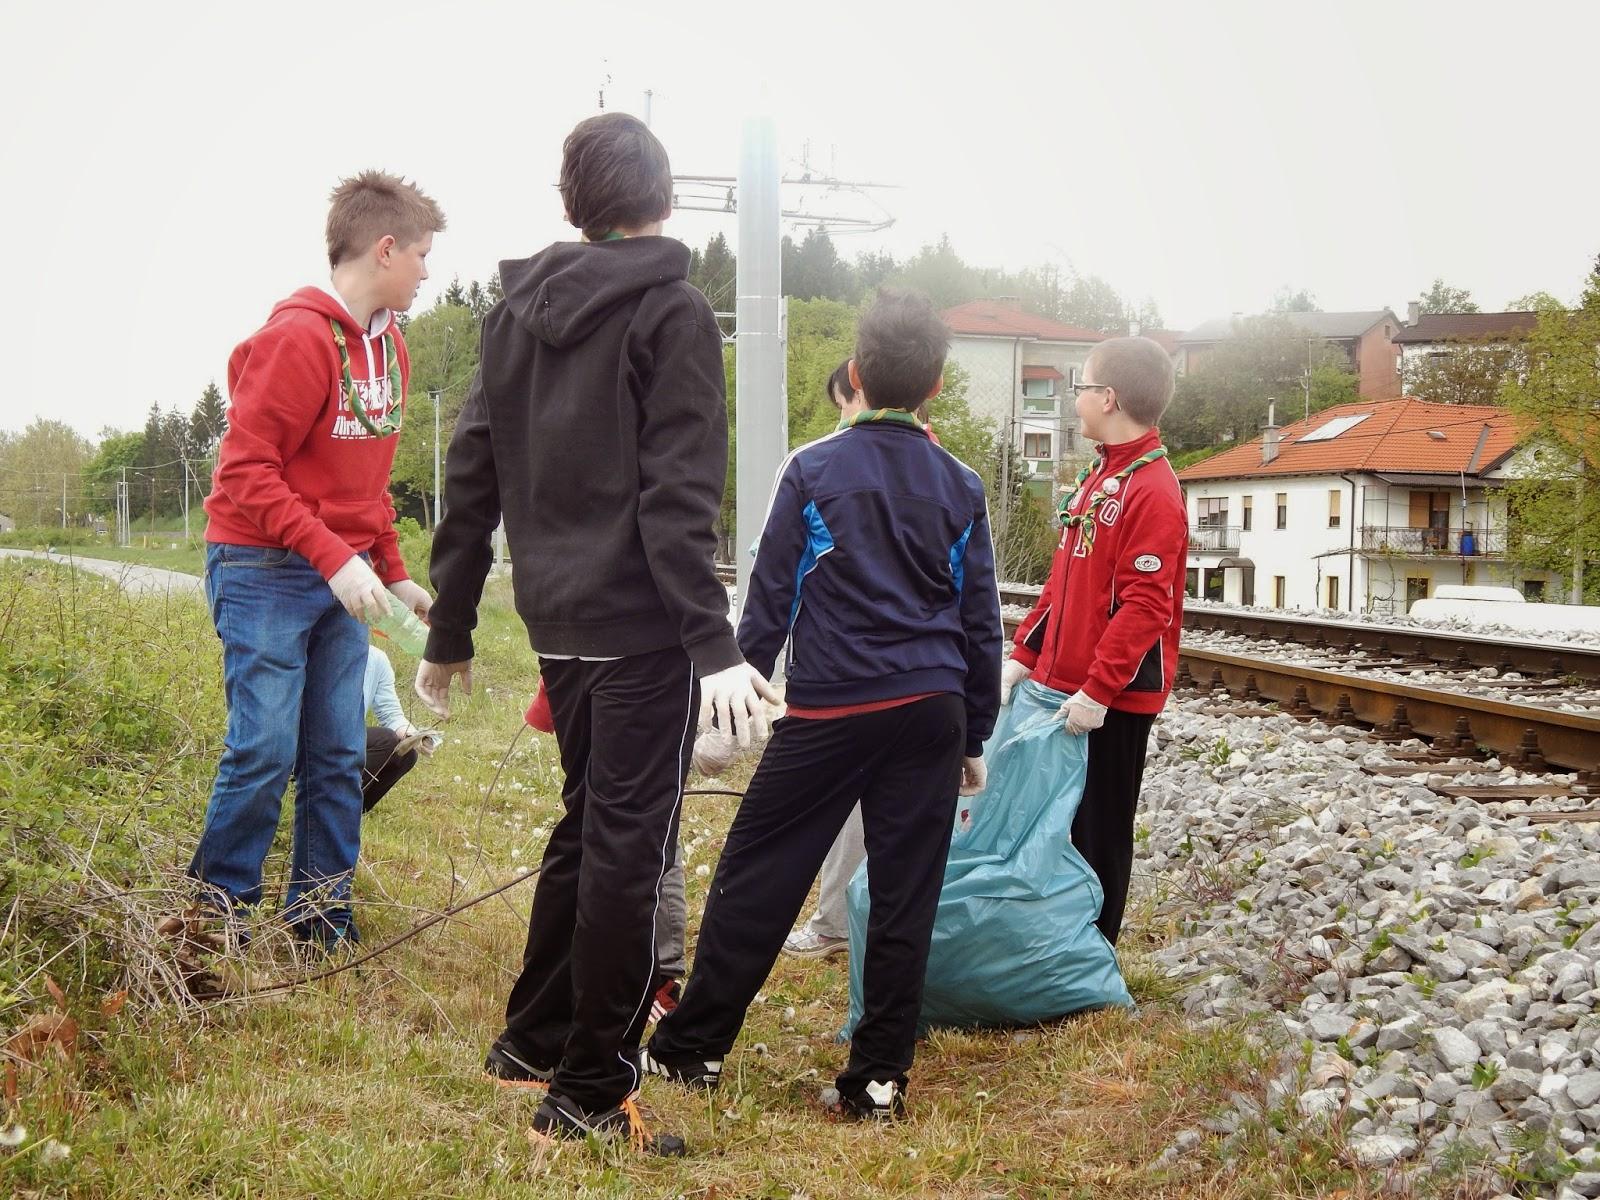 Čistilna akcija 2014, Ilirska Bistrica 2014 - DSCN1658.JPG